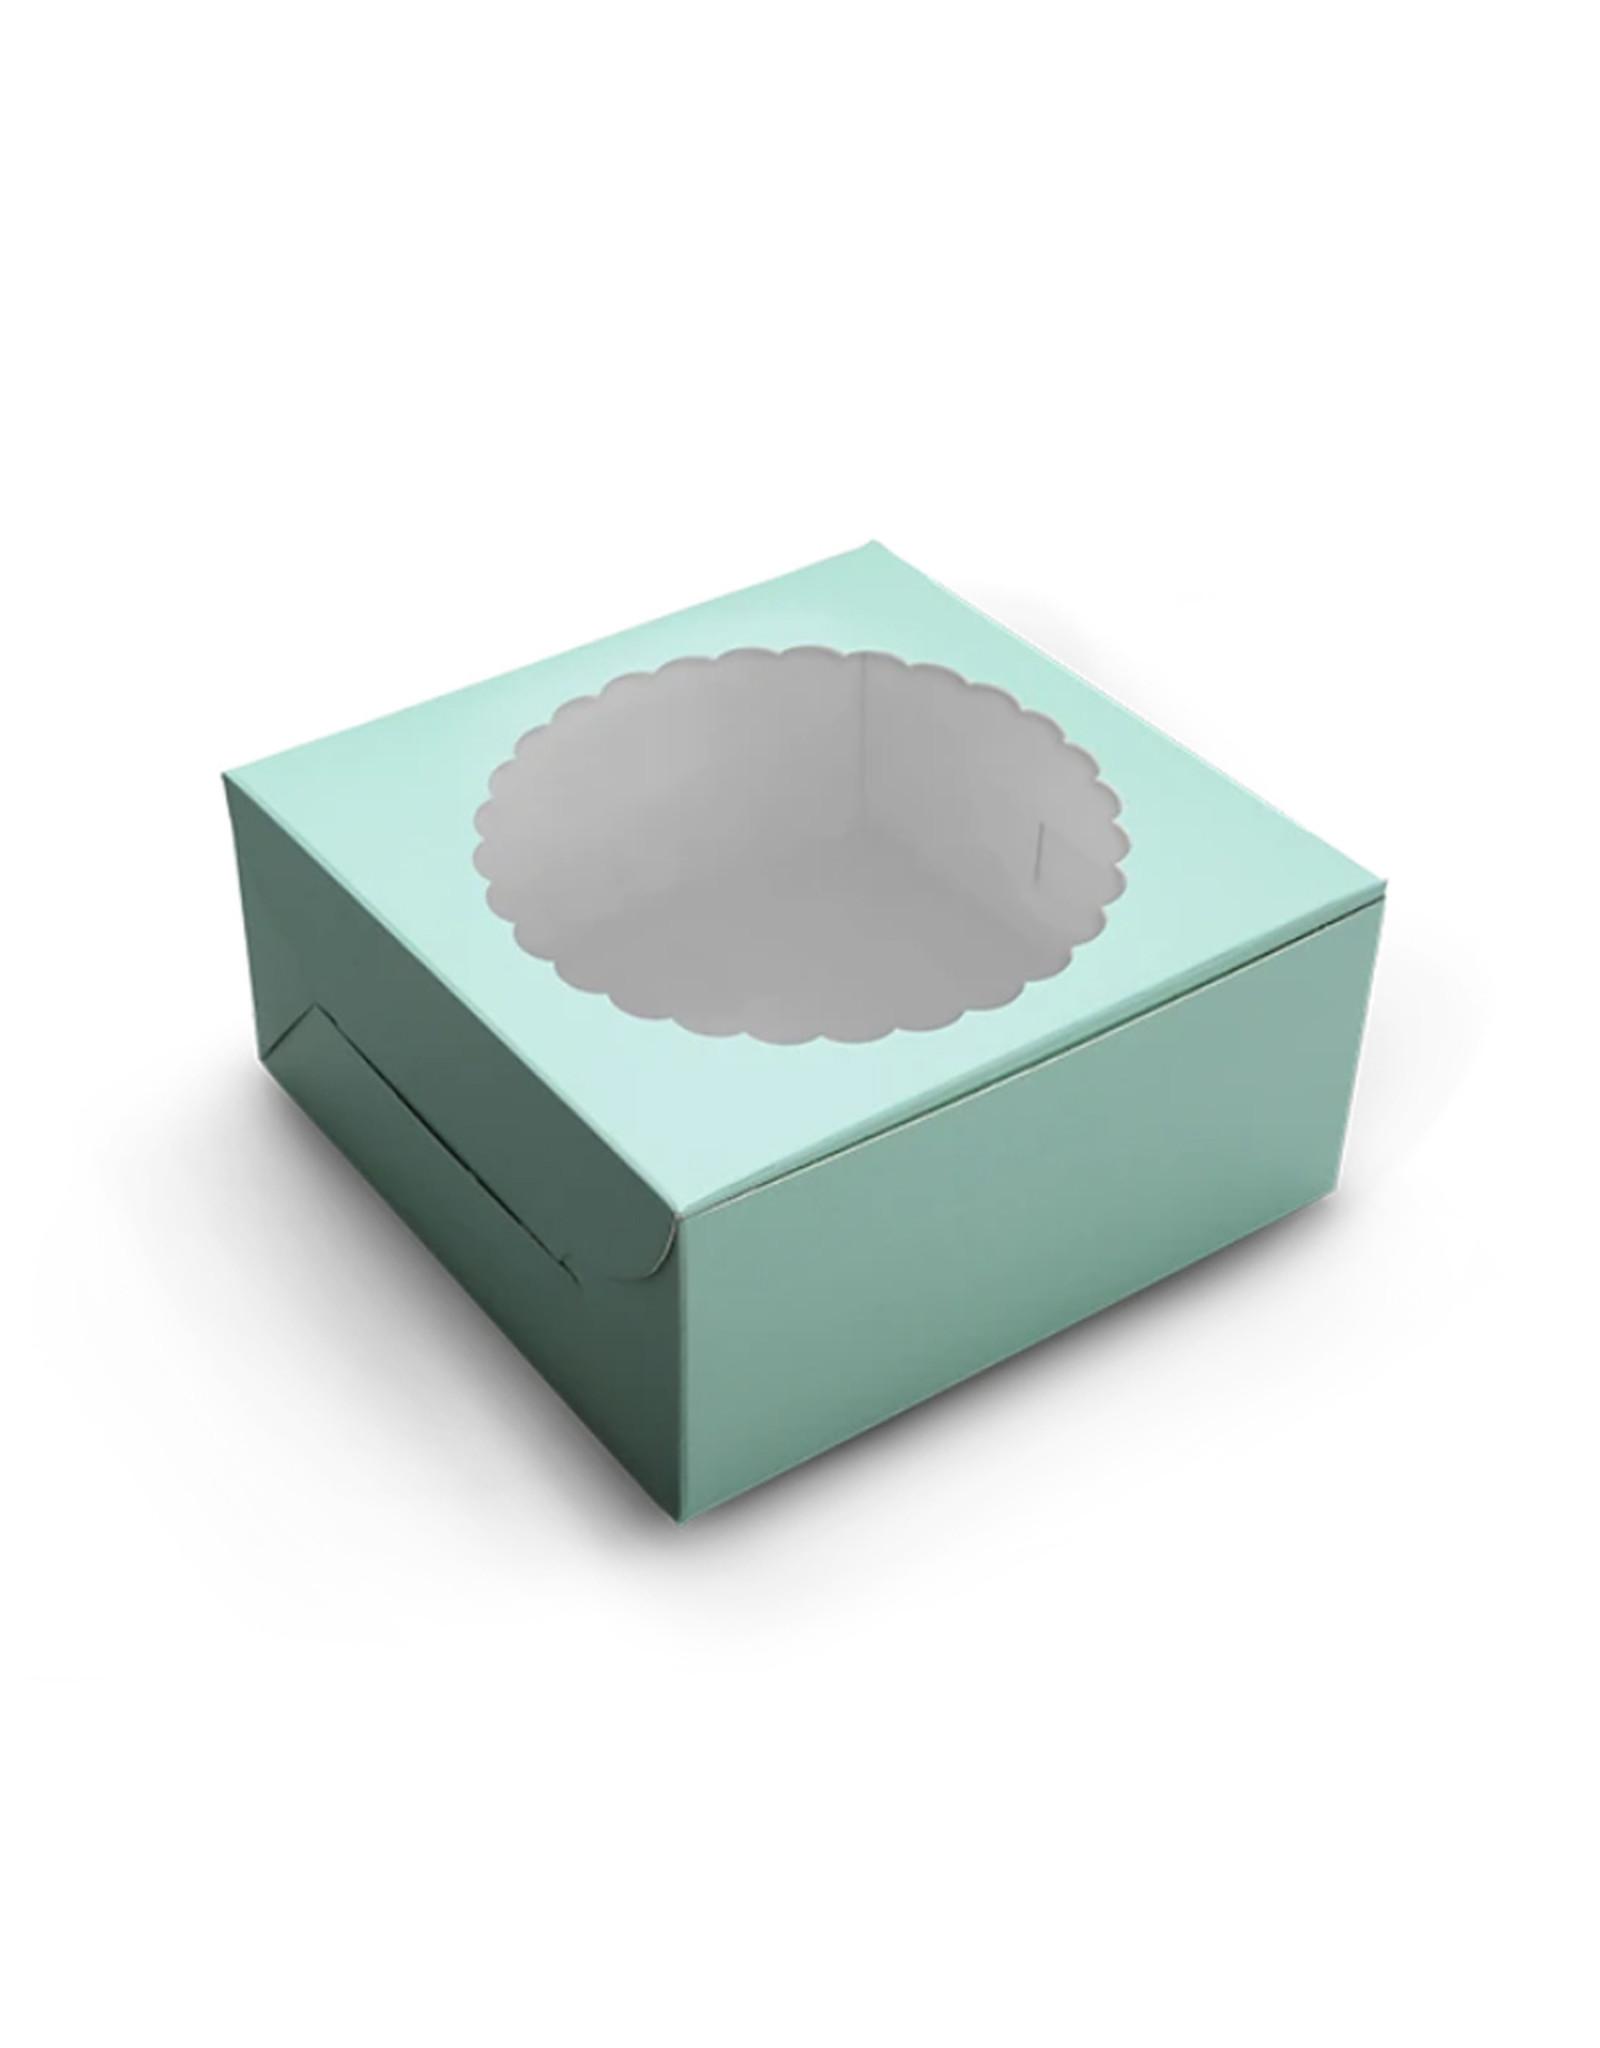 Mint taartdoos met venster - 203 x 203 x 127 mm (per 10 stuks)